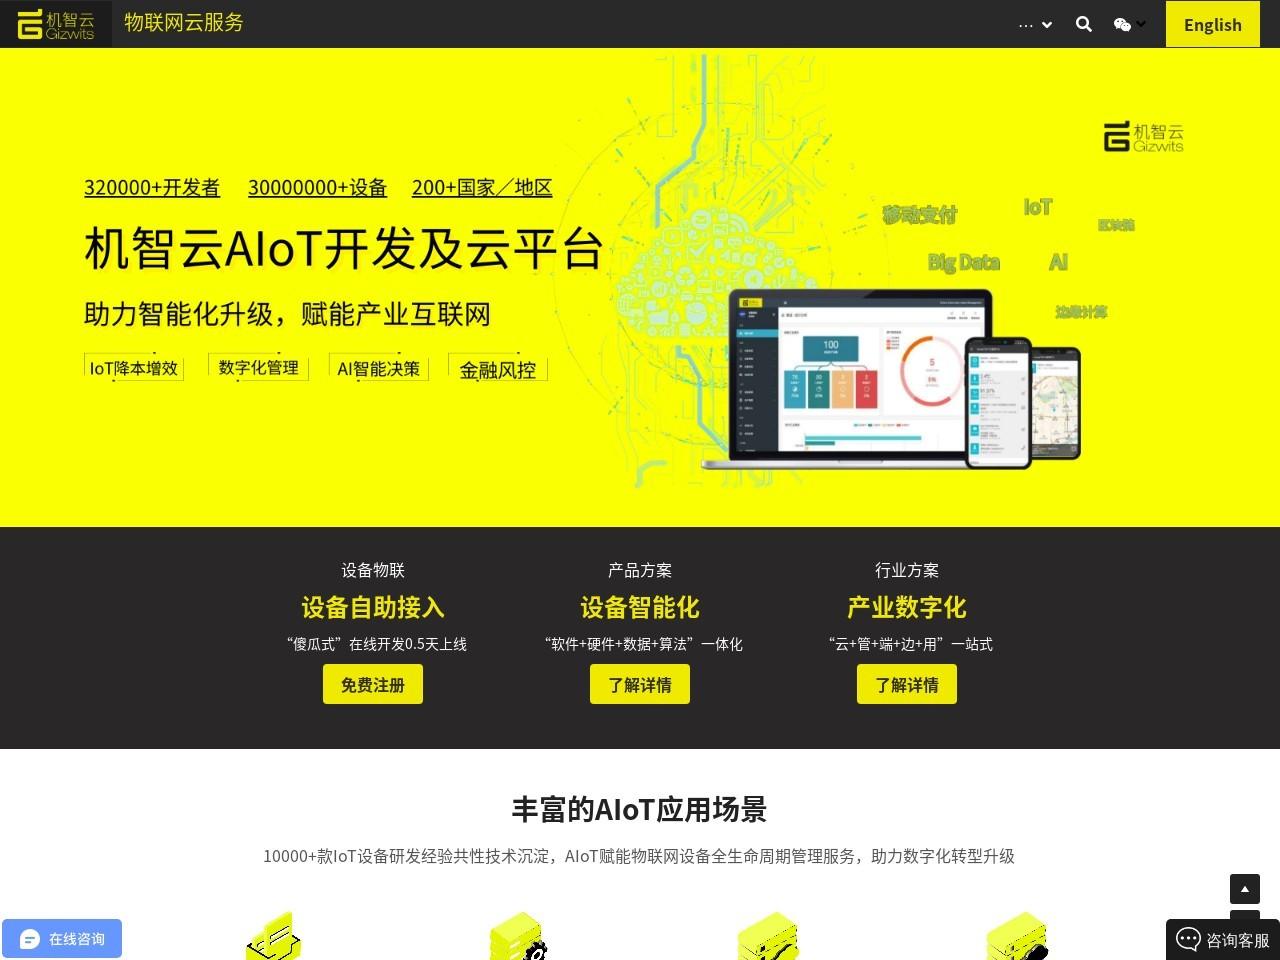 机智云_物联网云服务及自助开发平台